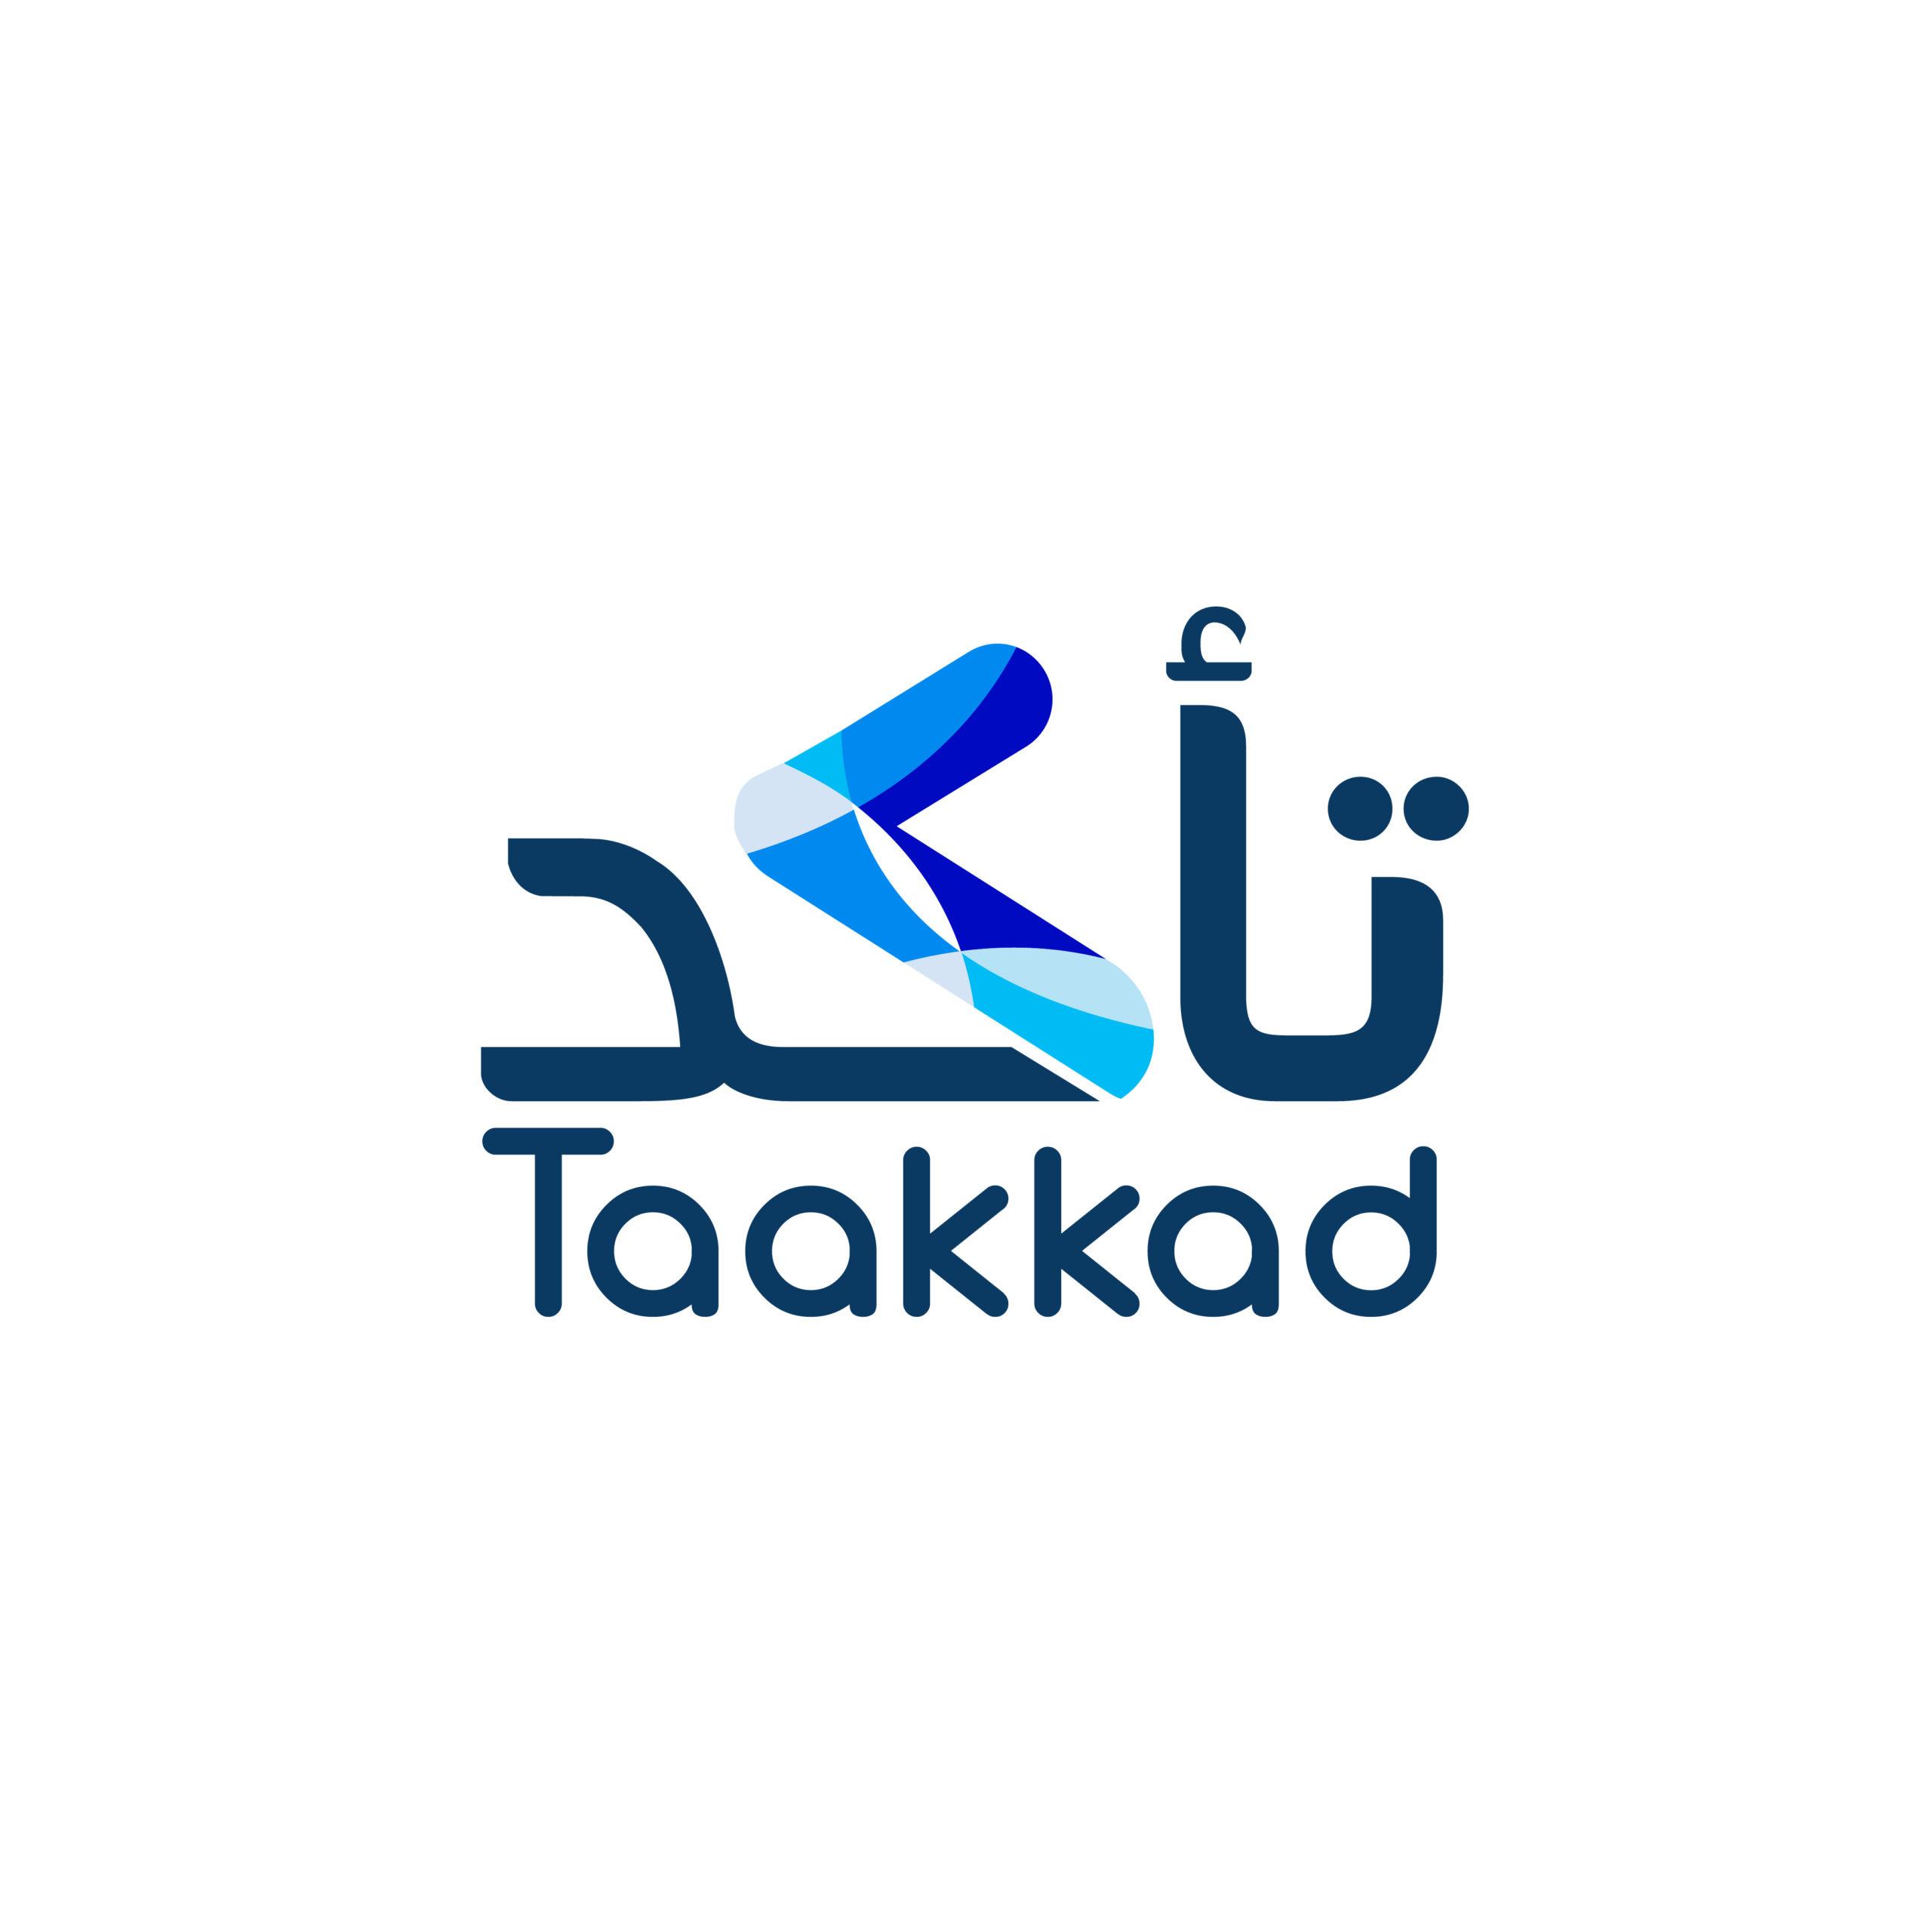 taakkad logo